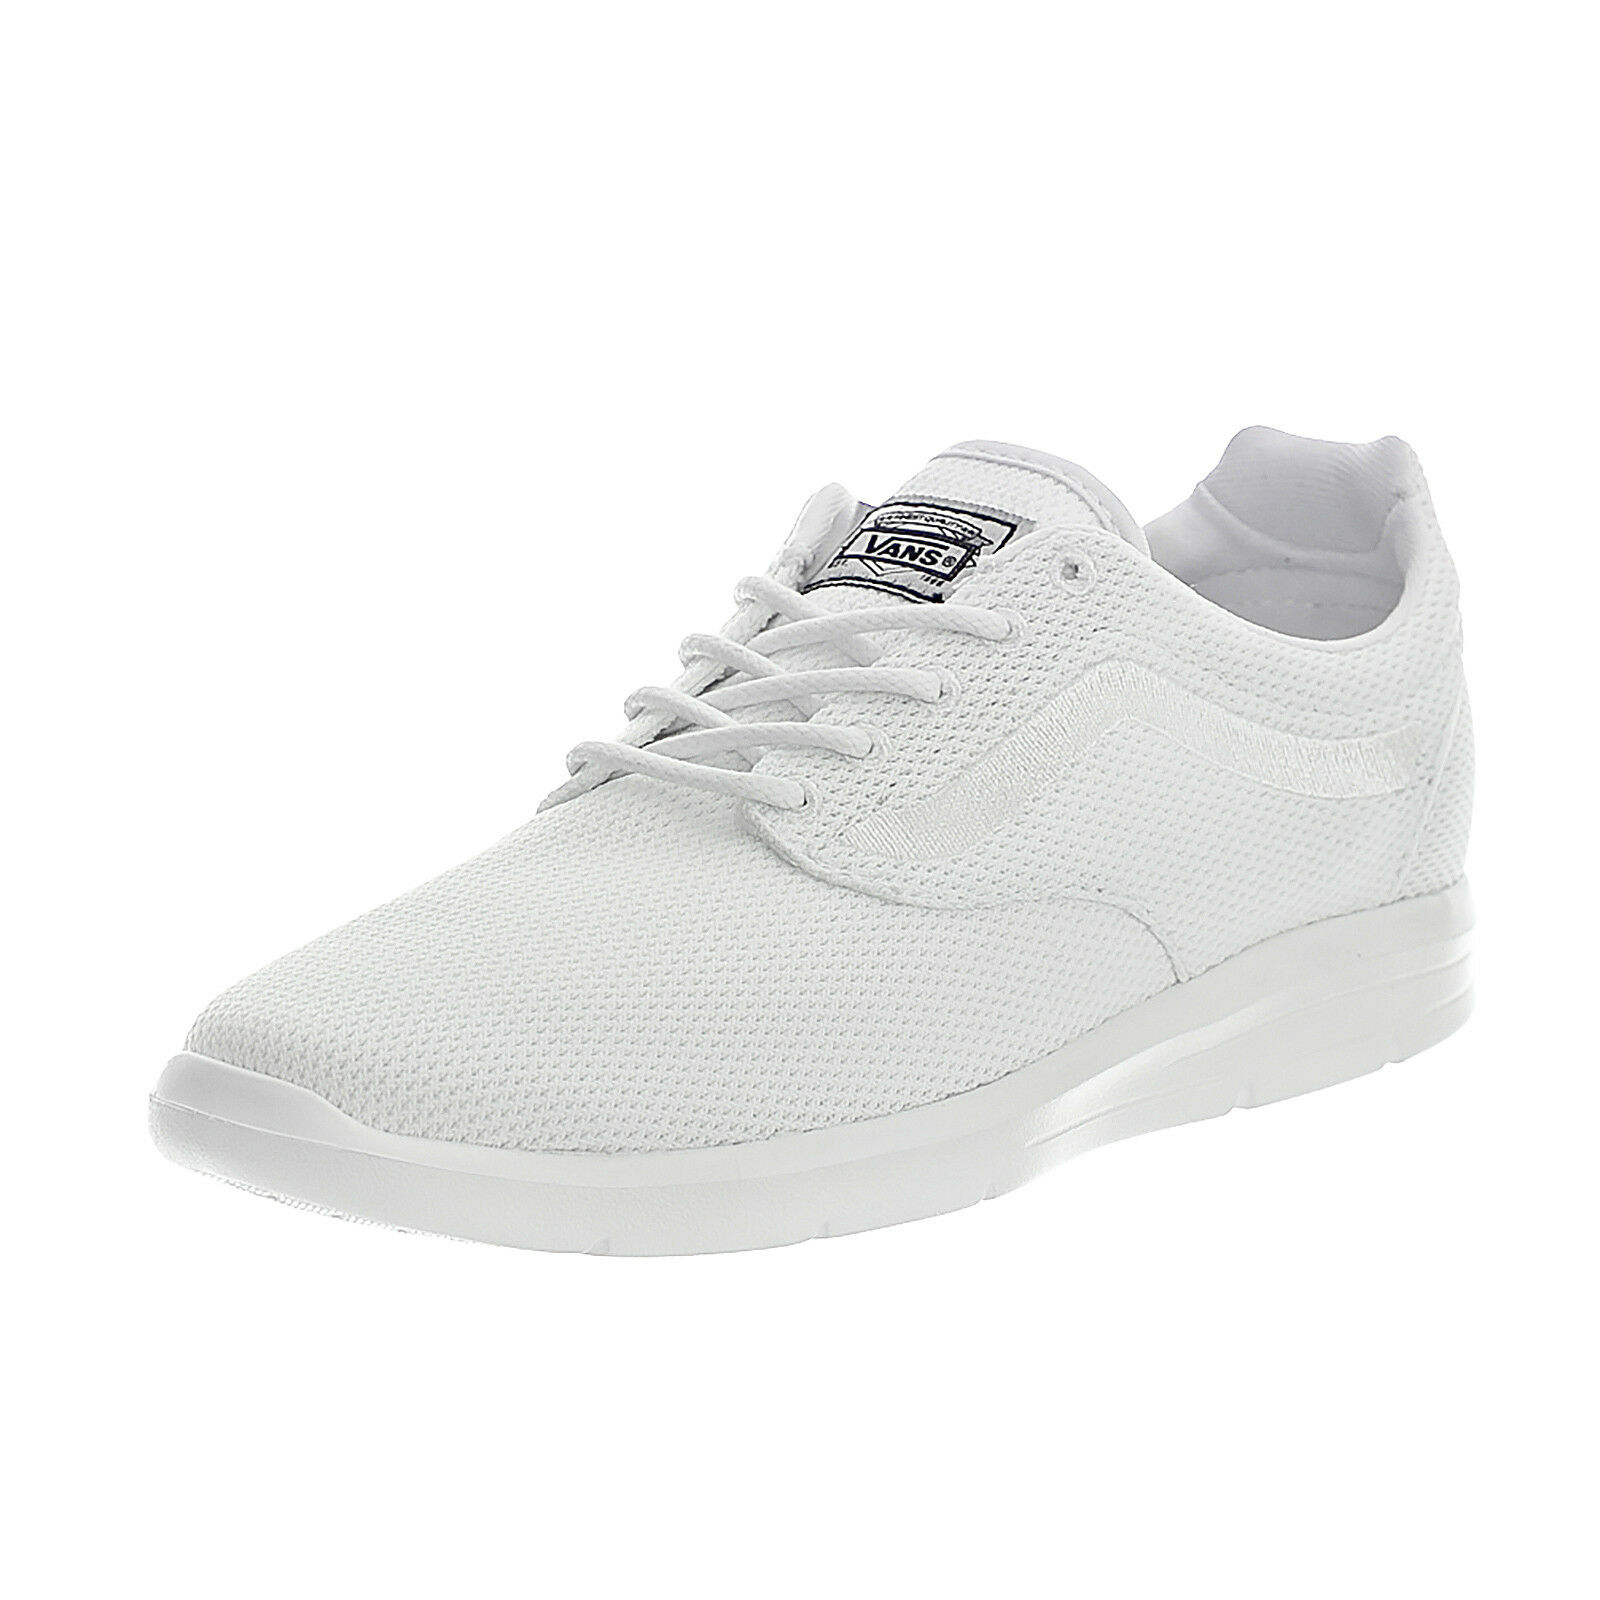 Vans Sneakers Ua Iso 1.5 (Mesh) True White White